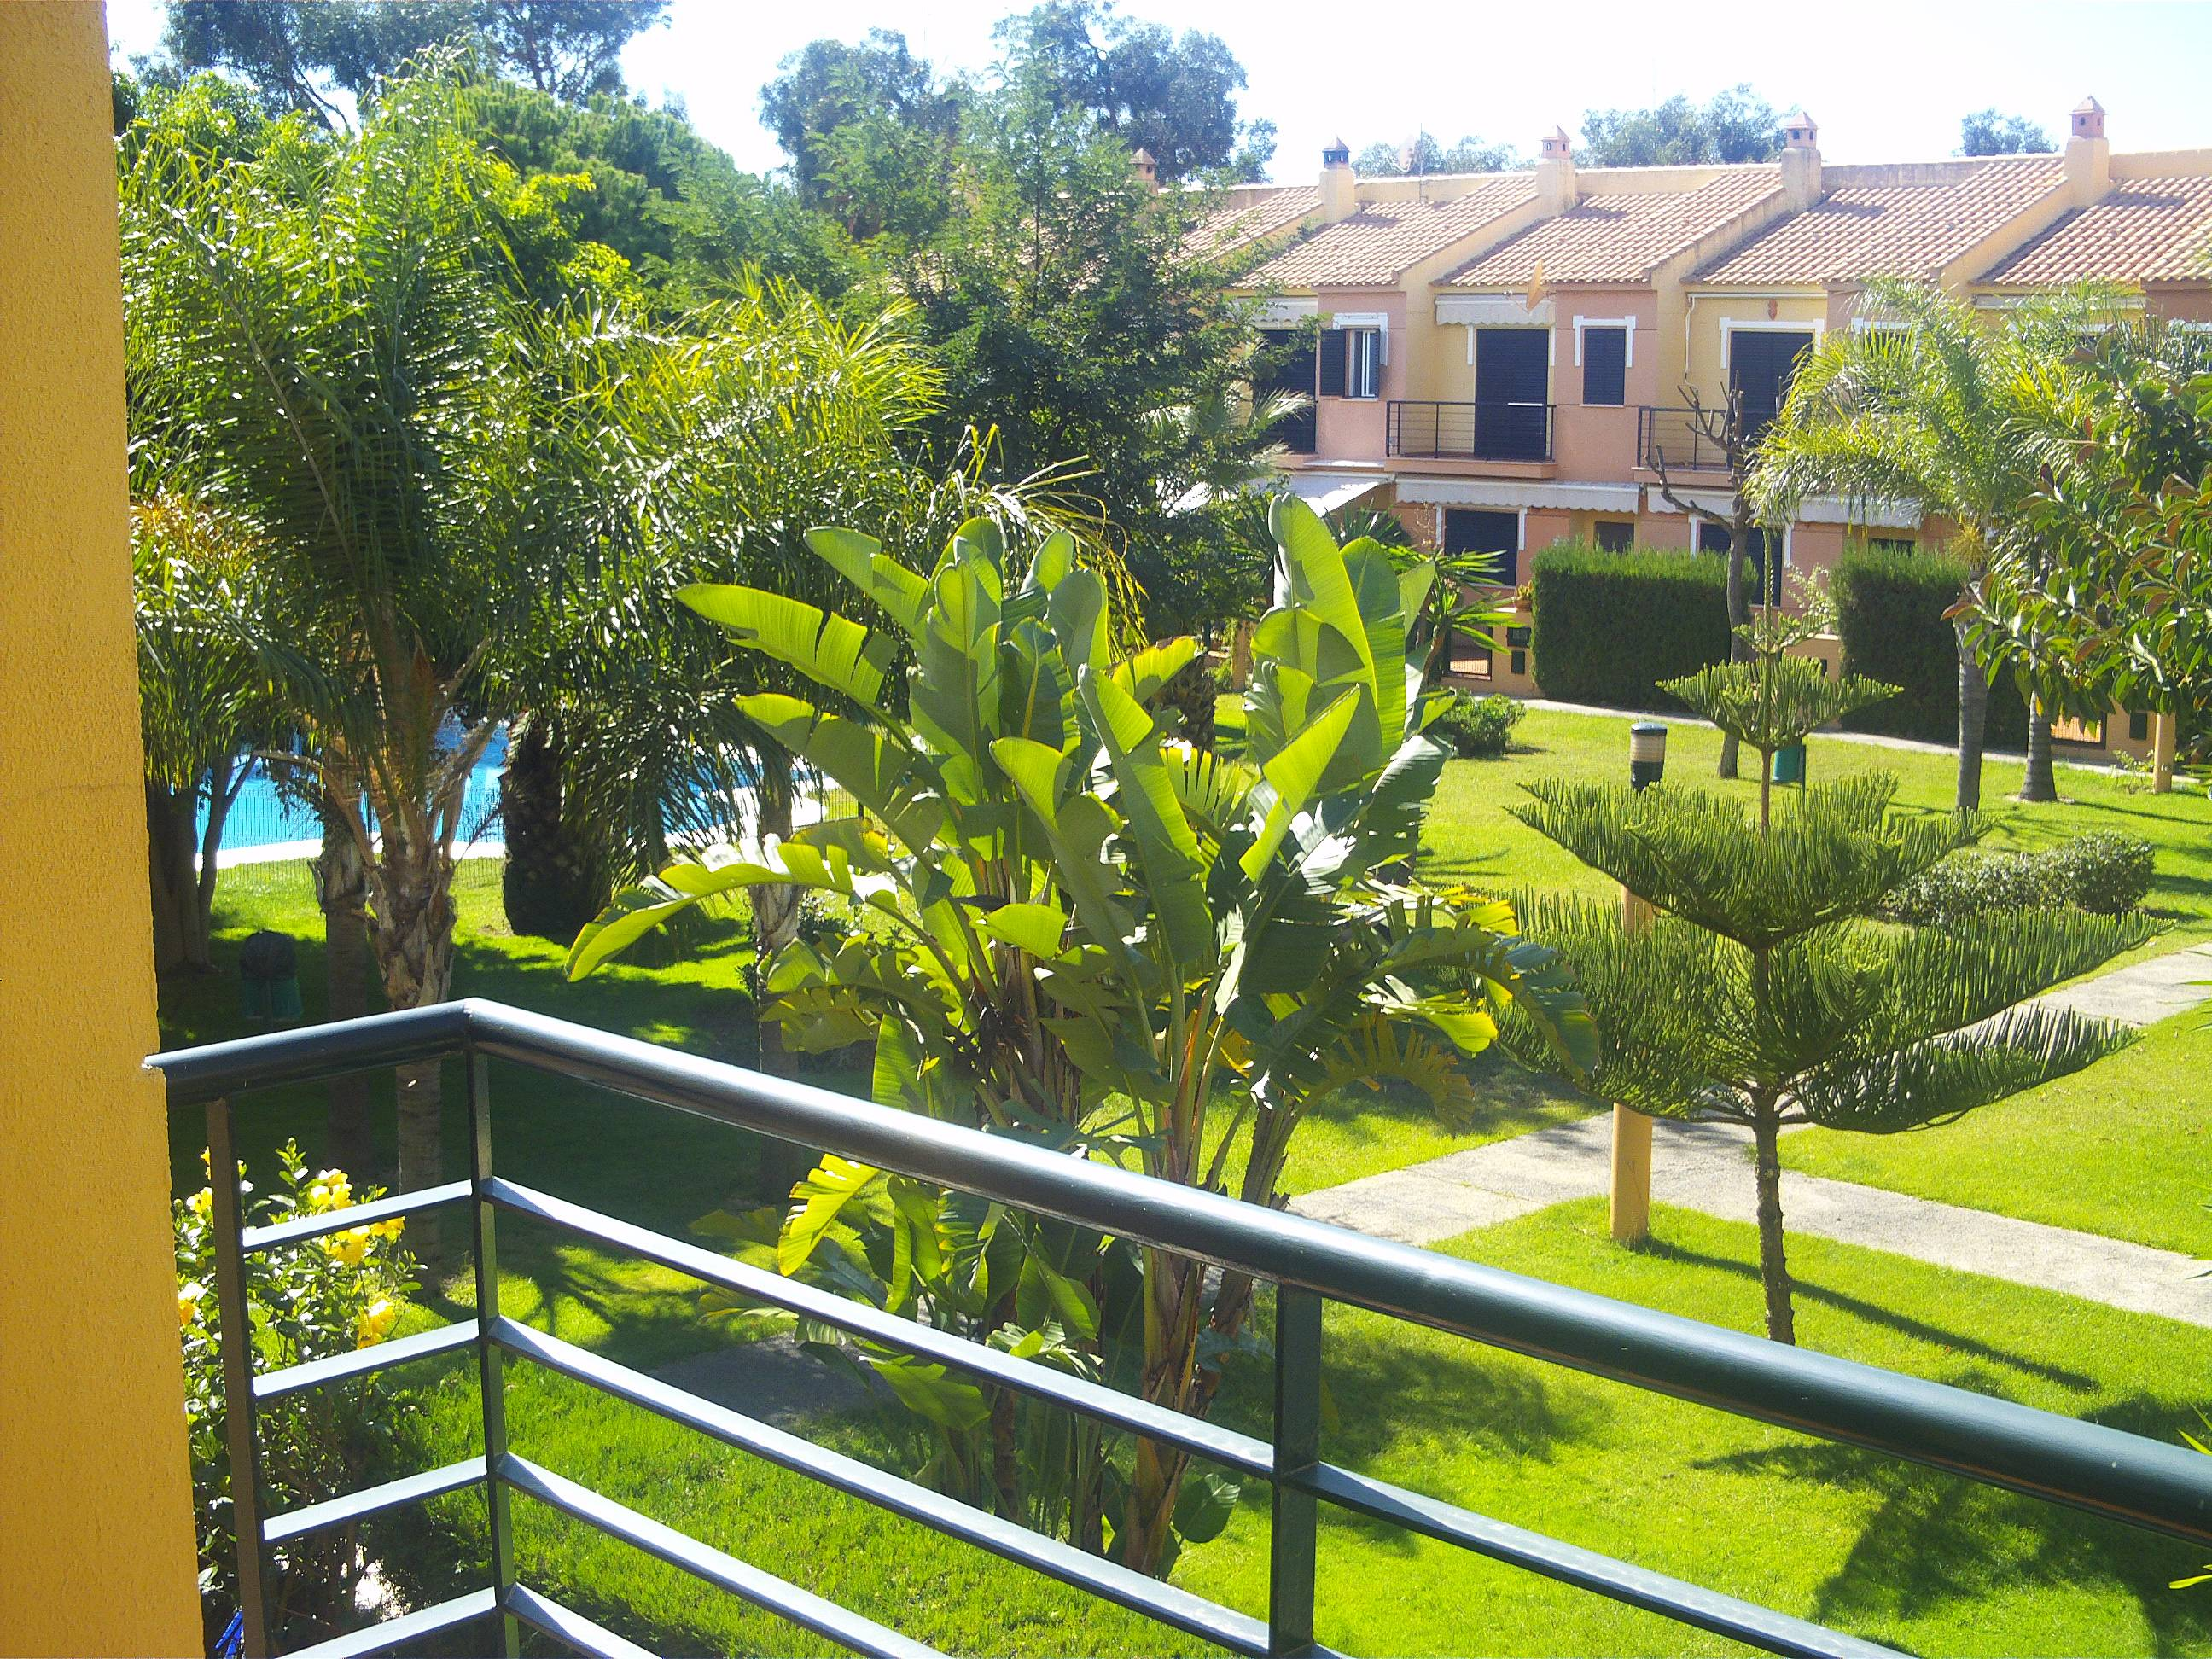 Maison en location 800 m de la plage islantilla i - Rentalia islantilla ...